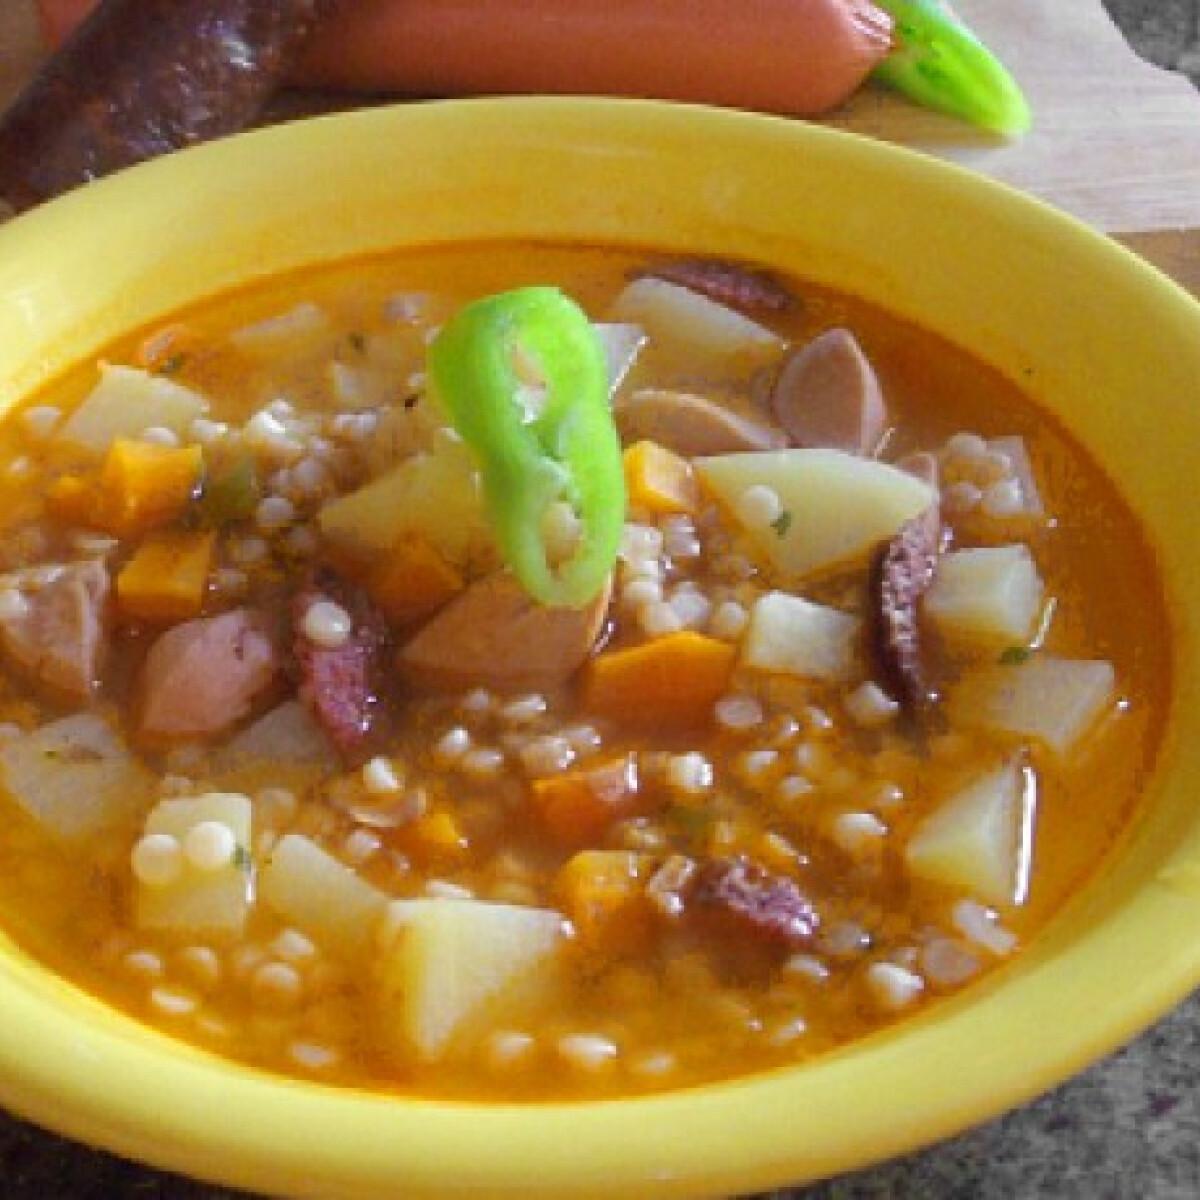 Ezen a képen: Vendégváró tarhonya leves